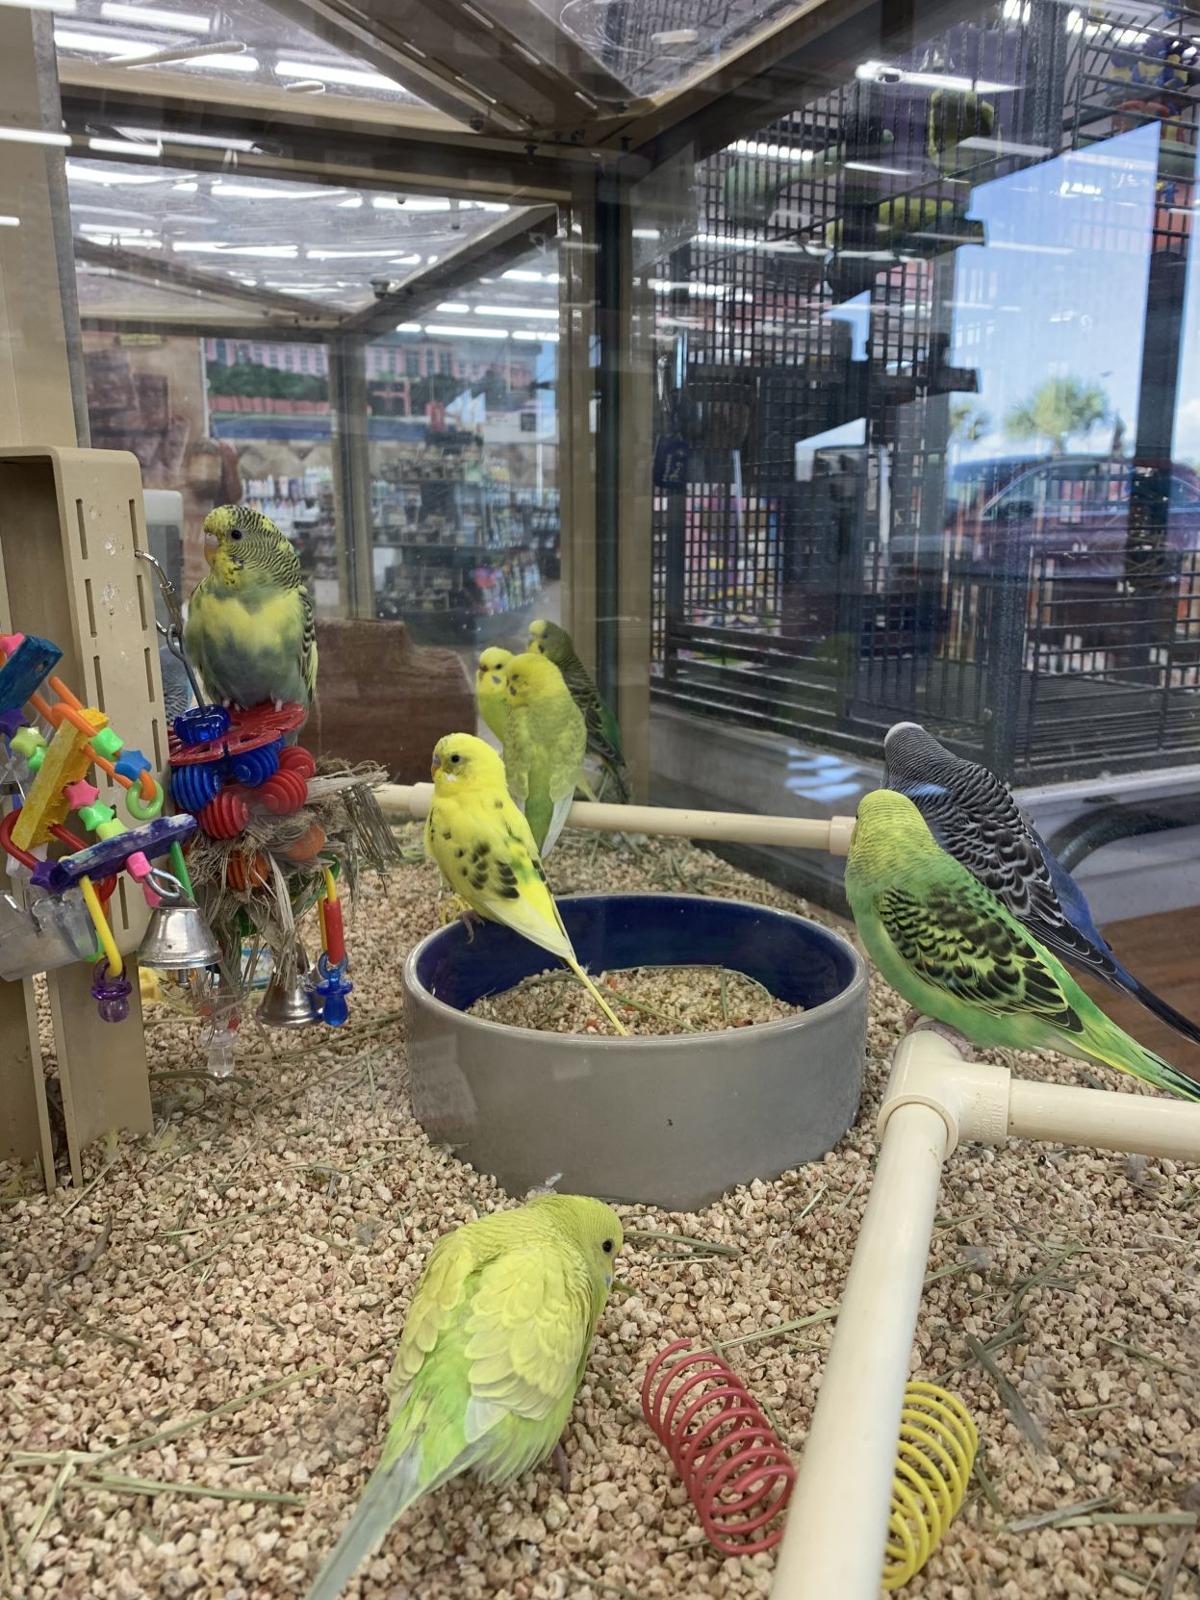 Pet store birds